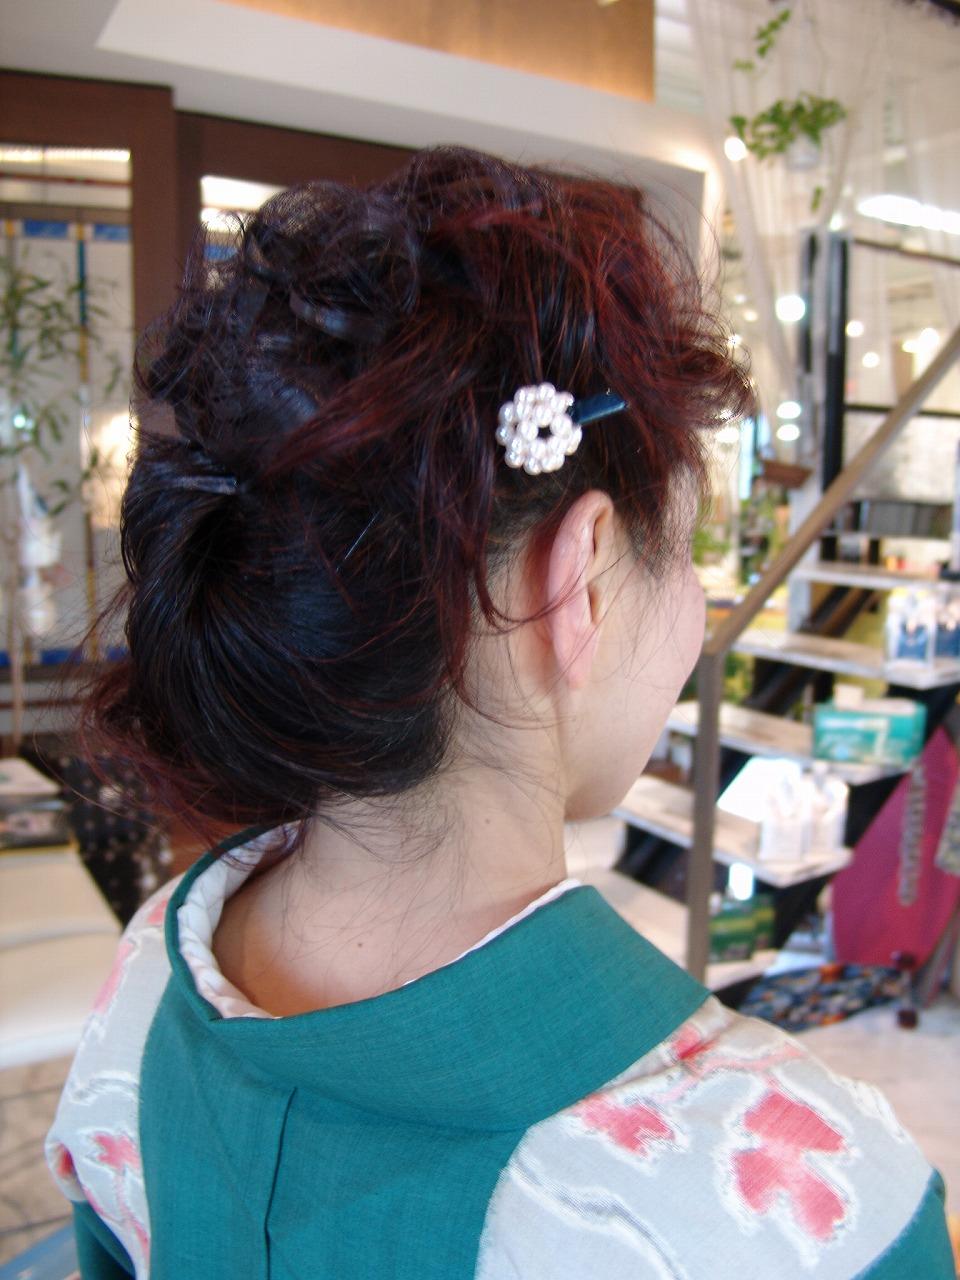 レディース 成人式 着物 和風アップ まとめ髪 パーマ カラー2